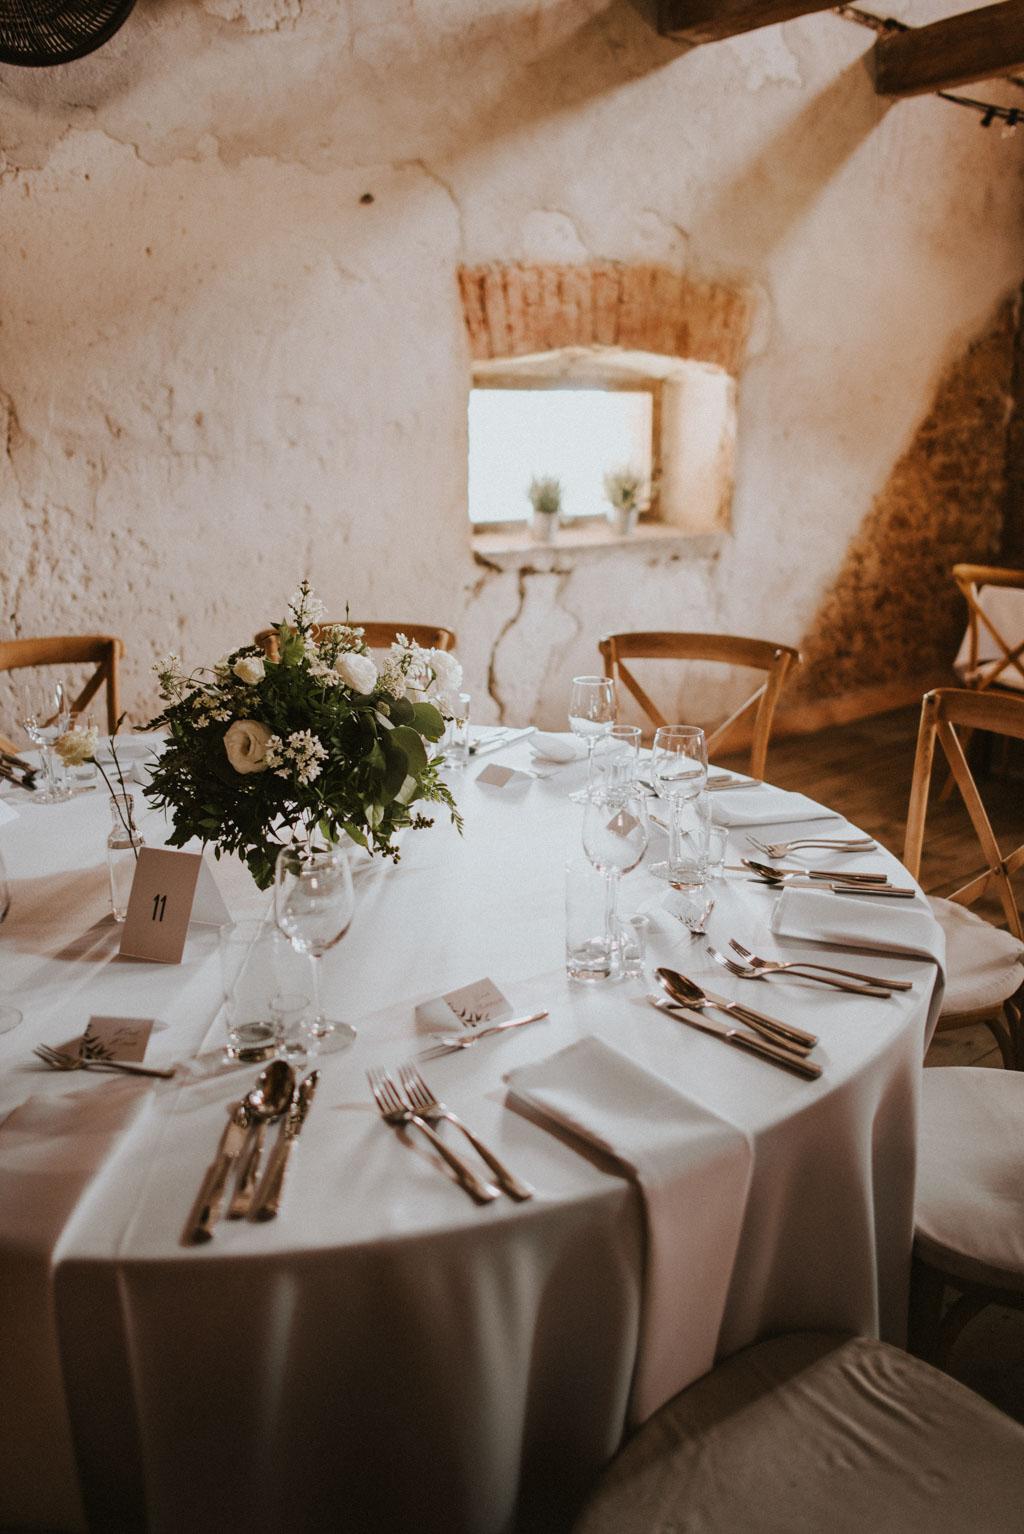 Ślub w Dolinie Cedronu dekoracja wnętrza kwiaty stoły Kraków Leńcze pytlikbak